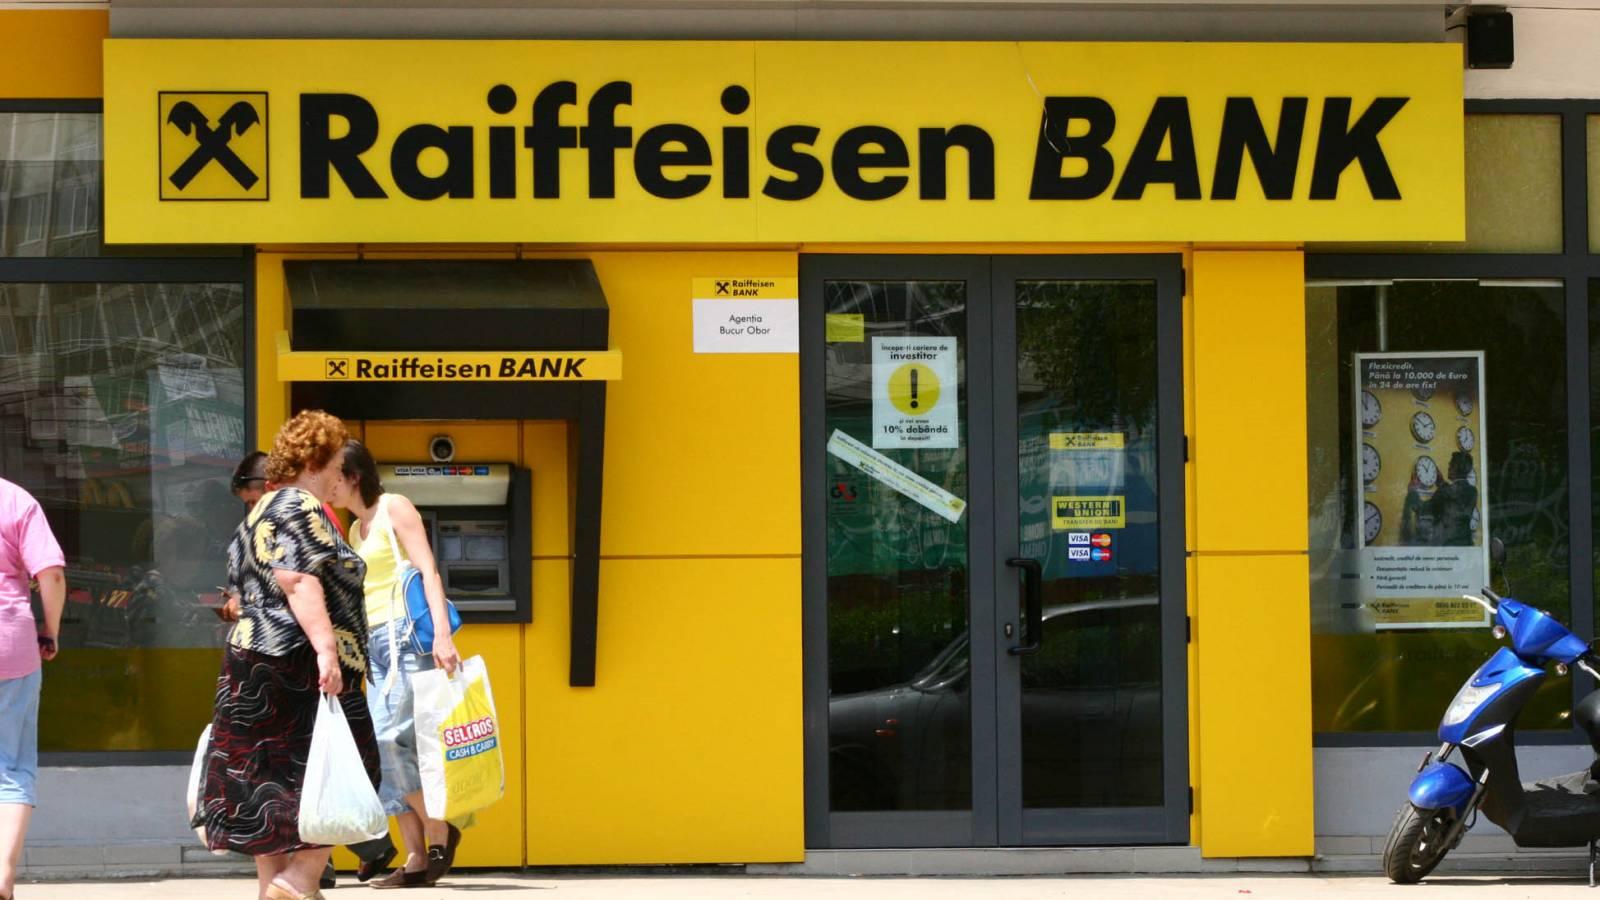 Raiffeisen Bank episod